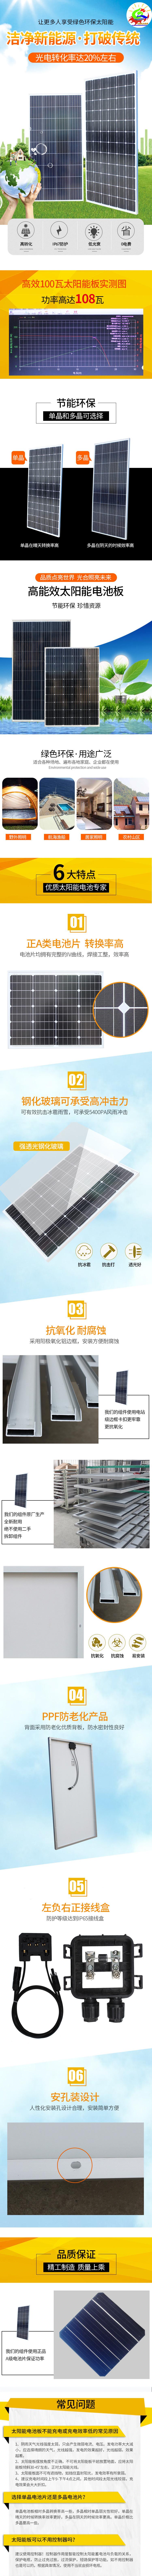 全新长治100瓦单晶硅太阳能电池板100W长治光伏发电板并离网LED路灯太阳能板示例图2